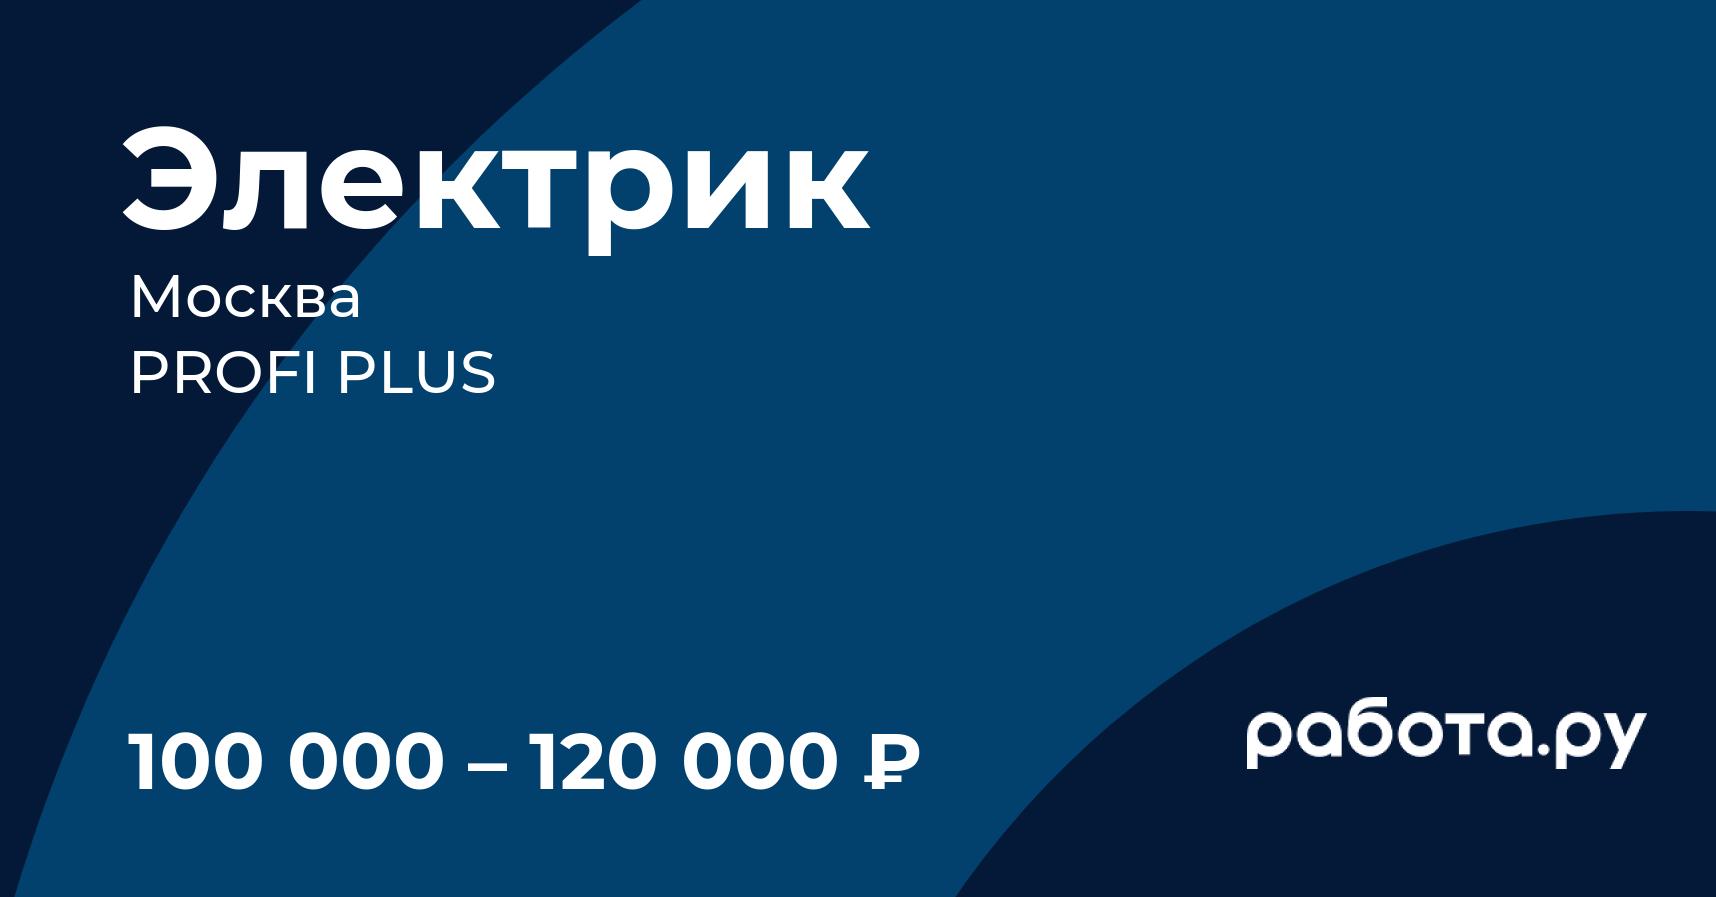 Удаленная работа на дому ежедневные выплаты в москве вакансии бухгалтер удаленная работа нижний новгород вакансии